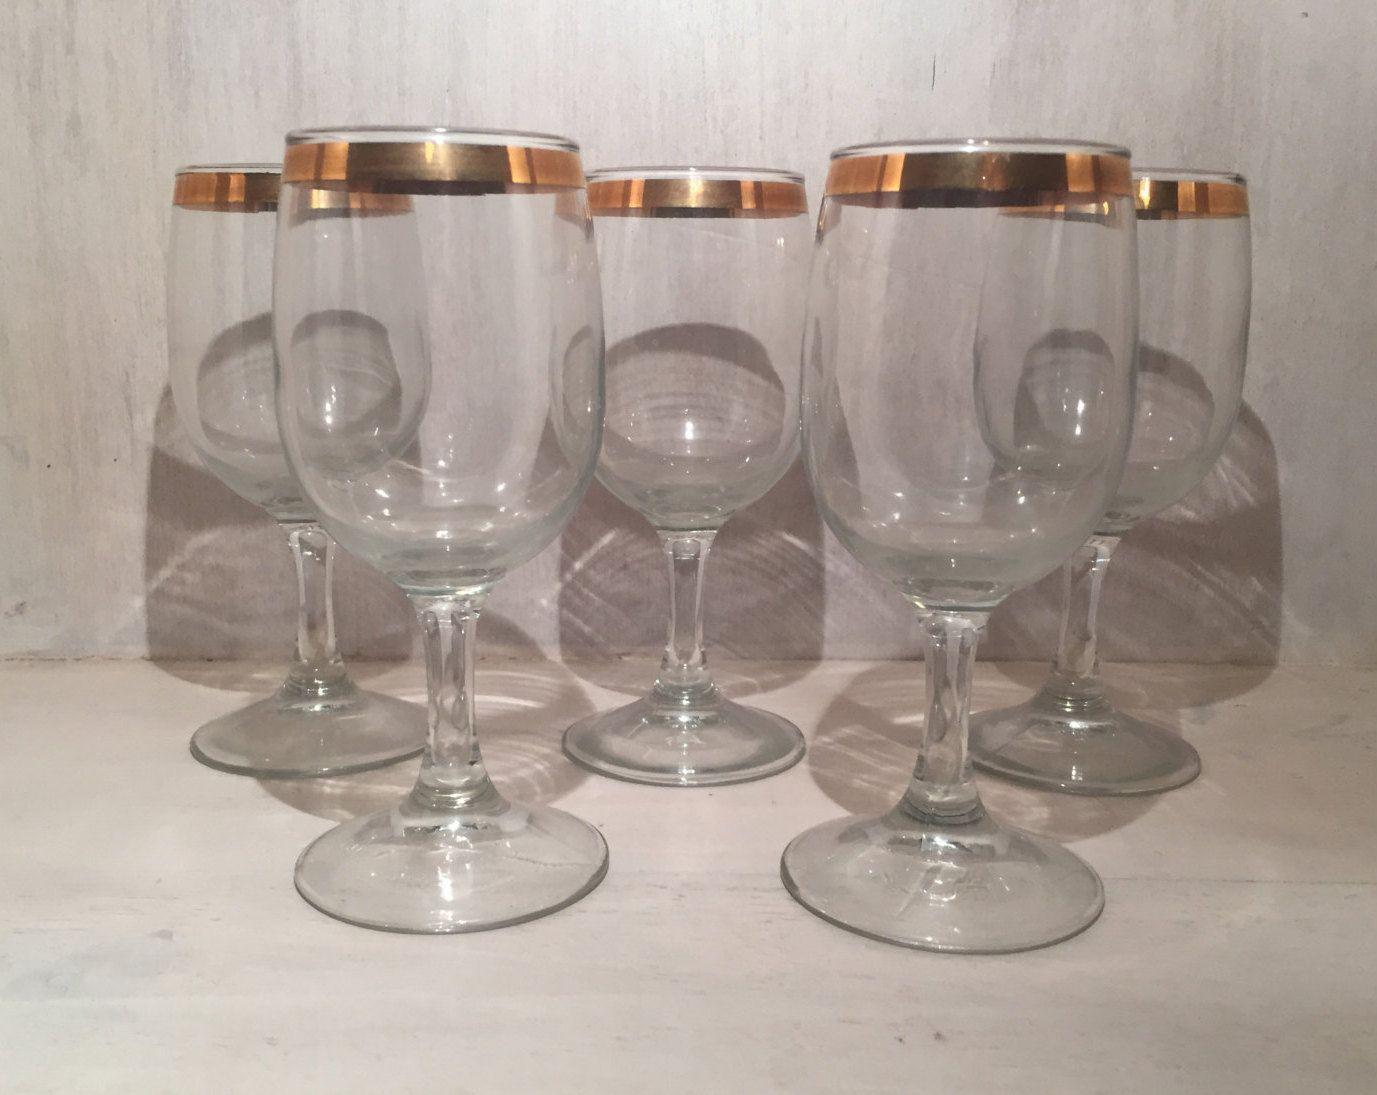 4aacabccaf2a Vintage Gold Rimmed Wine Glasses (Set of 5) by DivineVintageFinds4U on Etsy